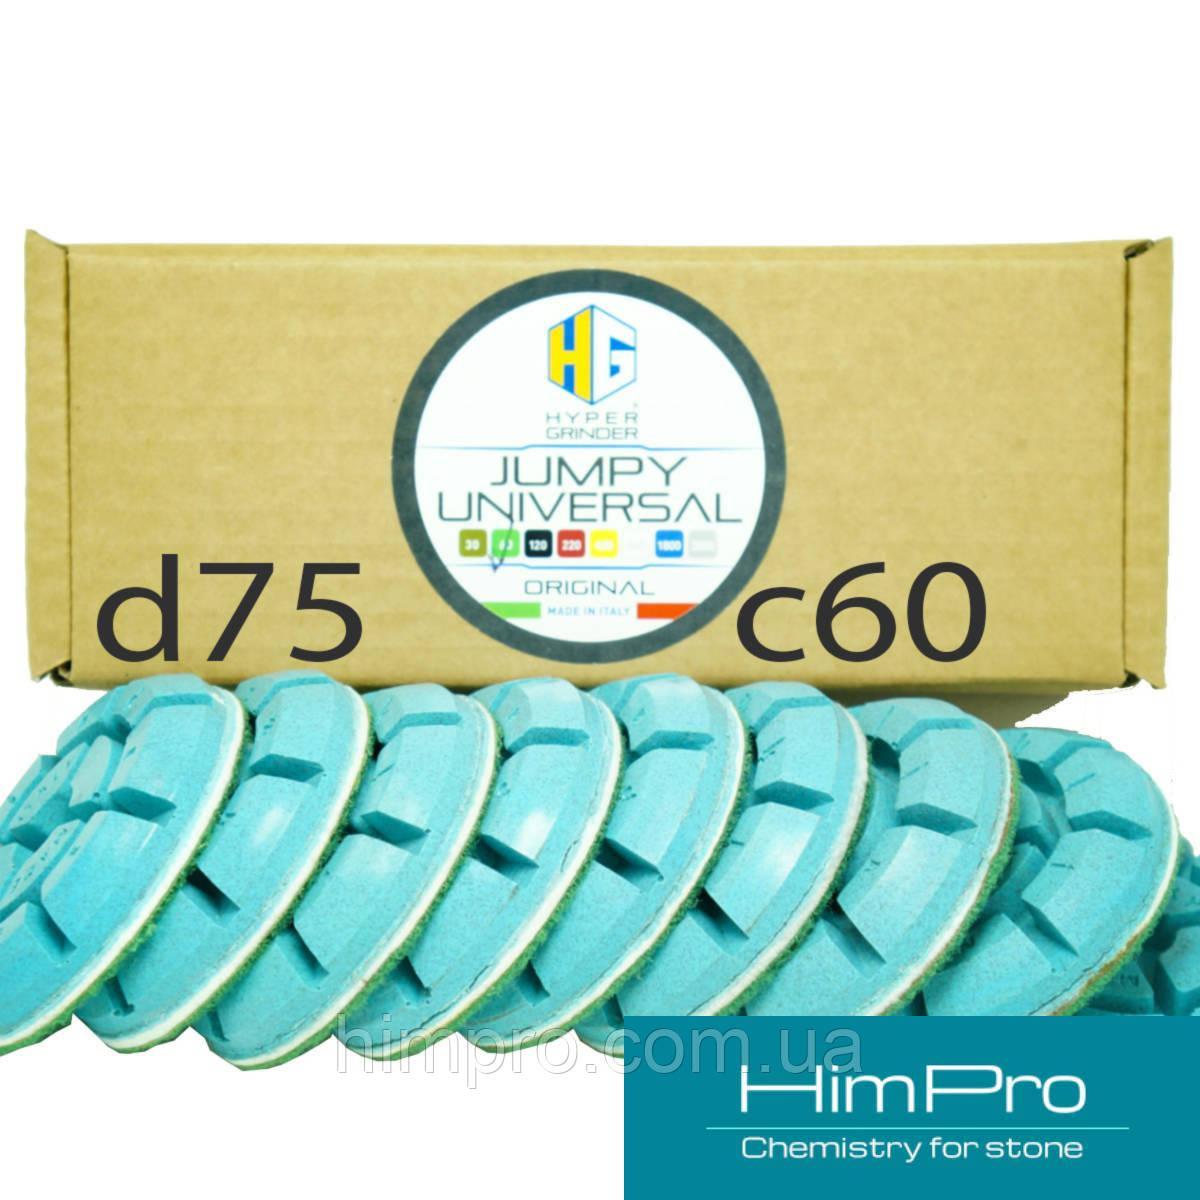 Jumper 9шт №60 d75. Універсальний HyperGrinder Алмазні полірувальні